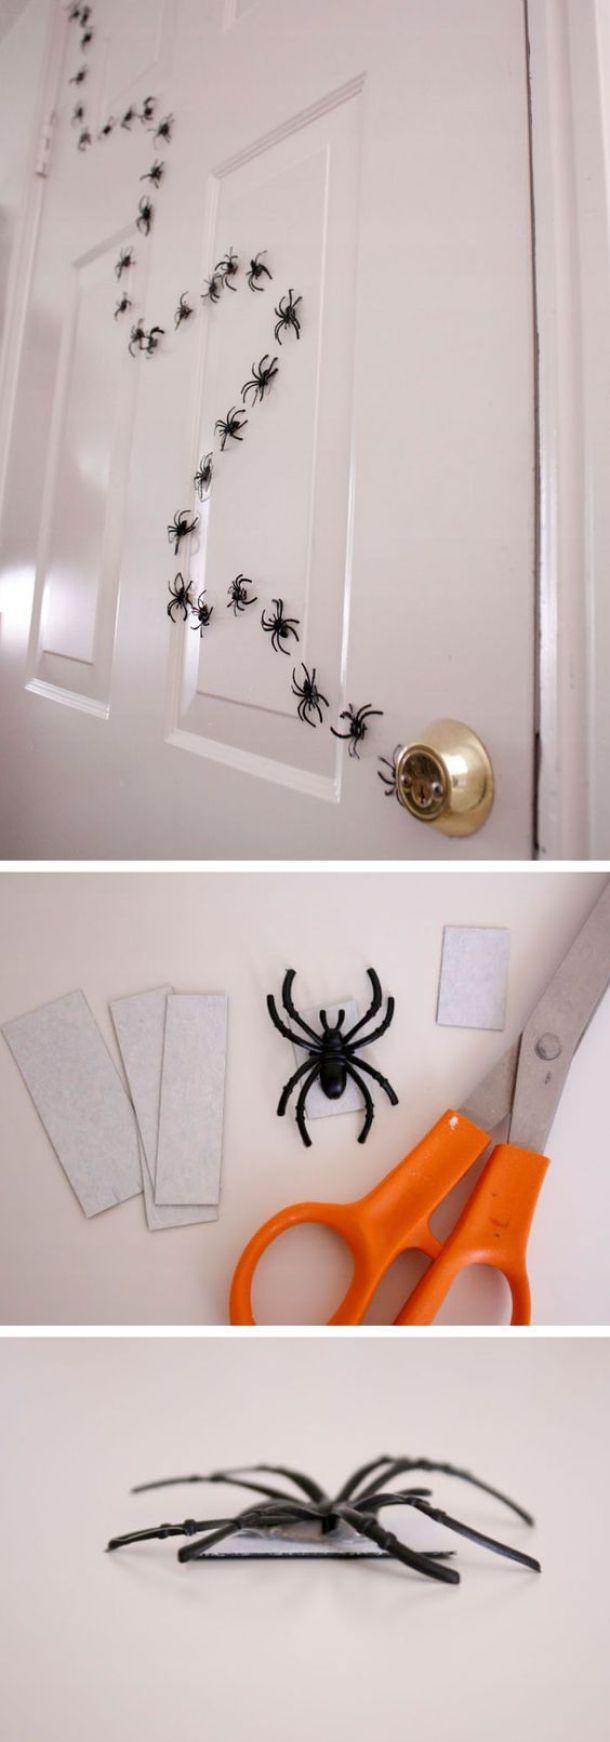 Das Beste machen Sie es selbst Halloween-Dekorationen {Spooktacular Halloween DIYs, Handmade Crafts und